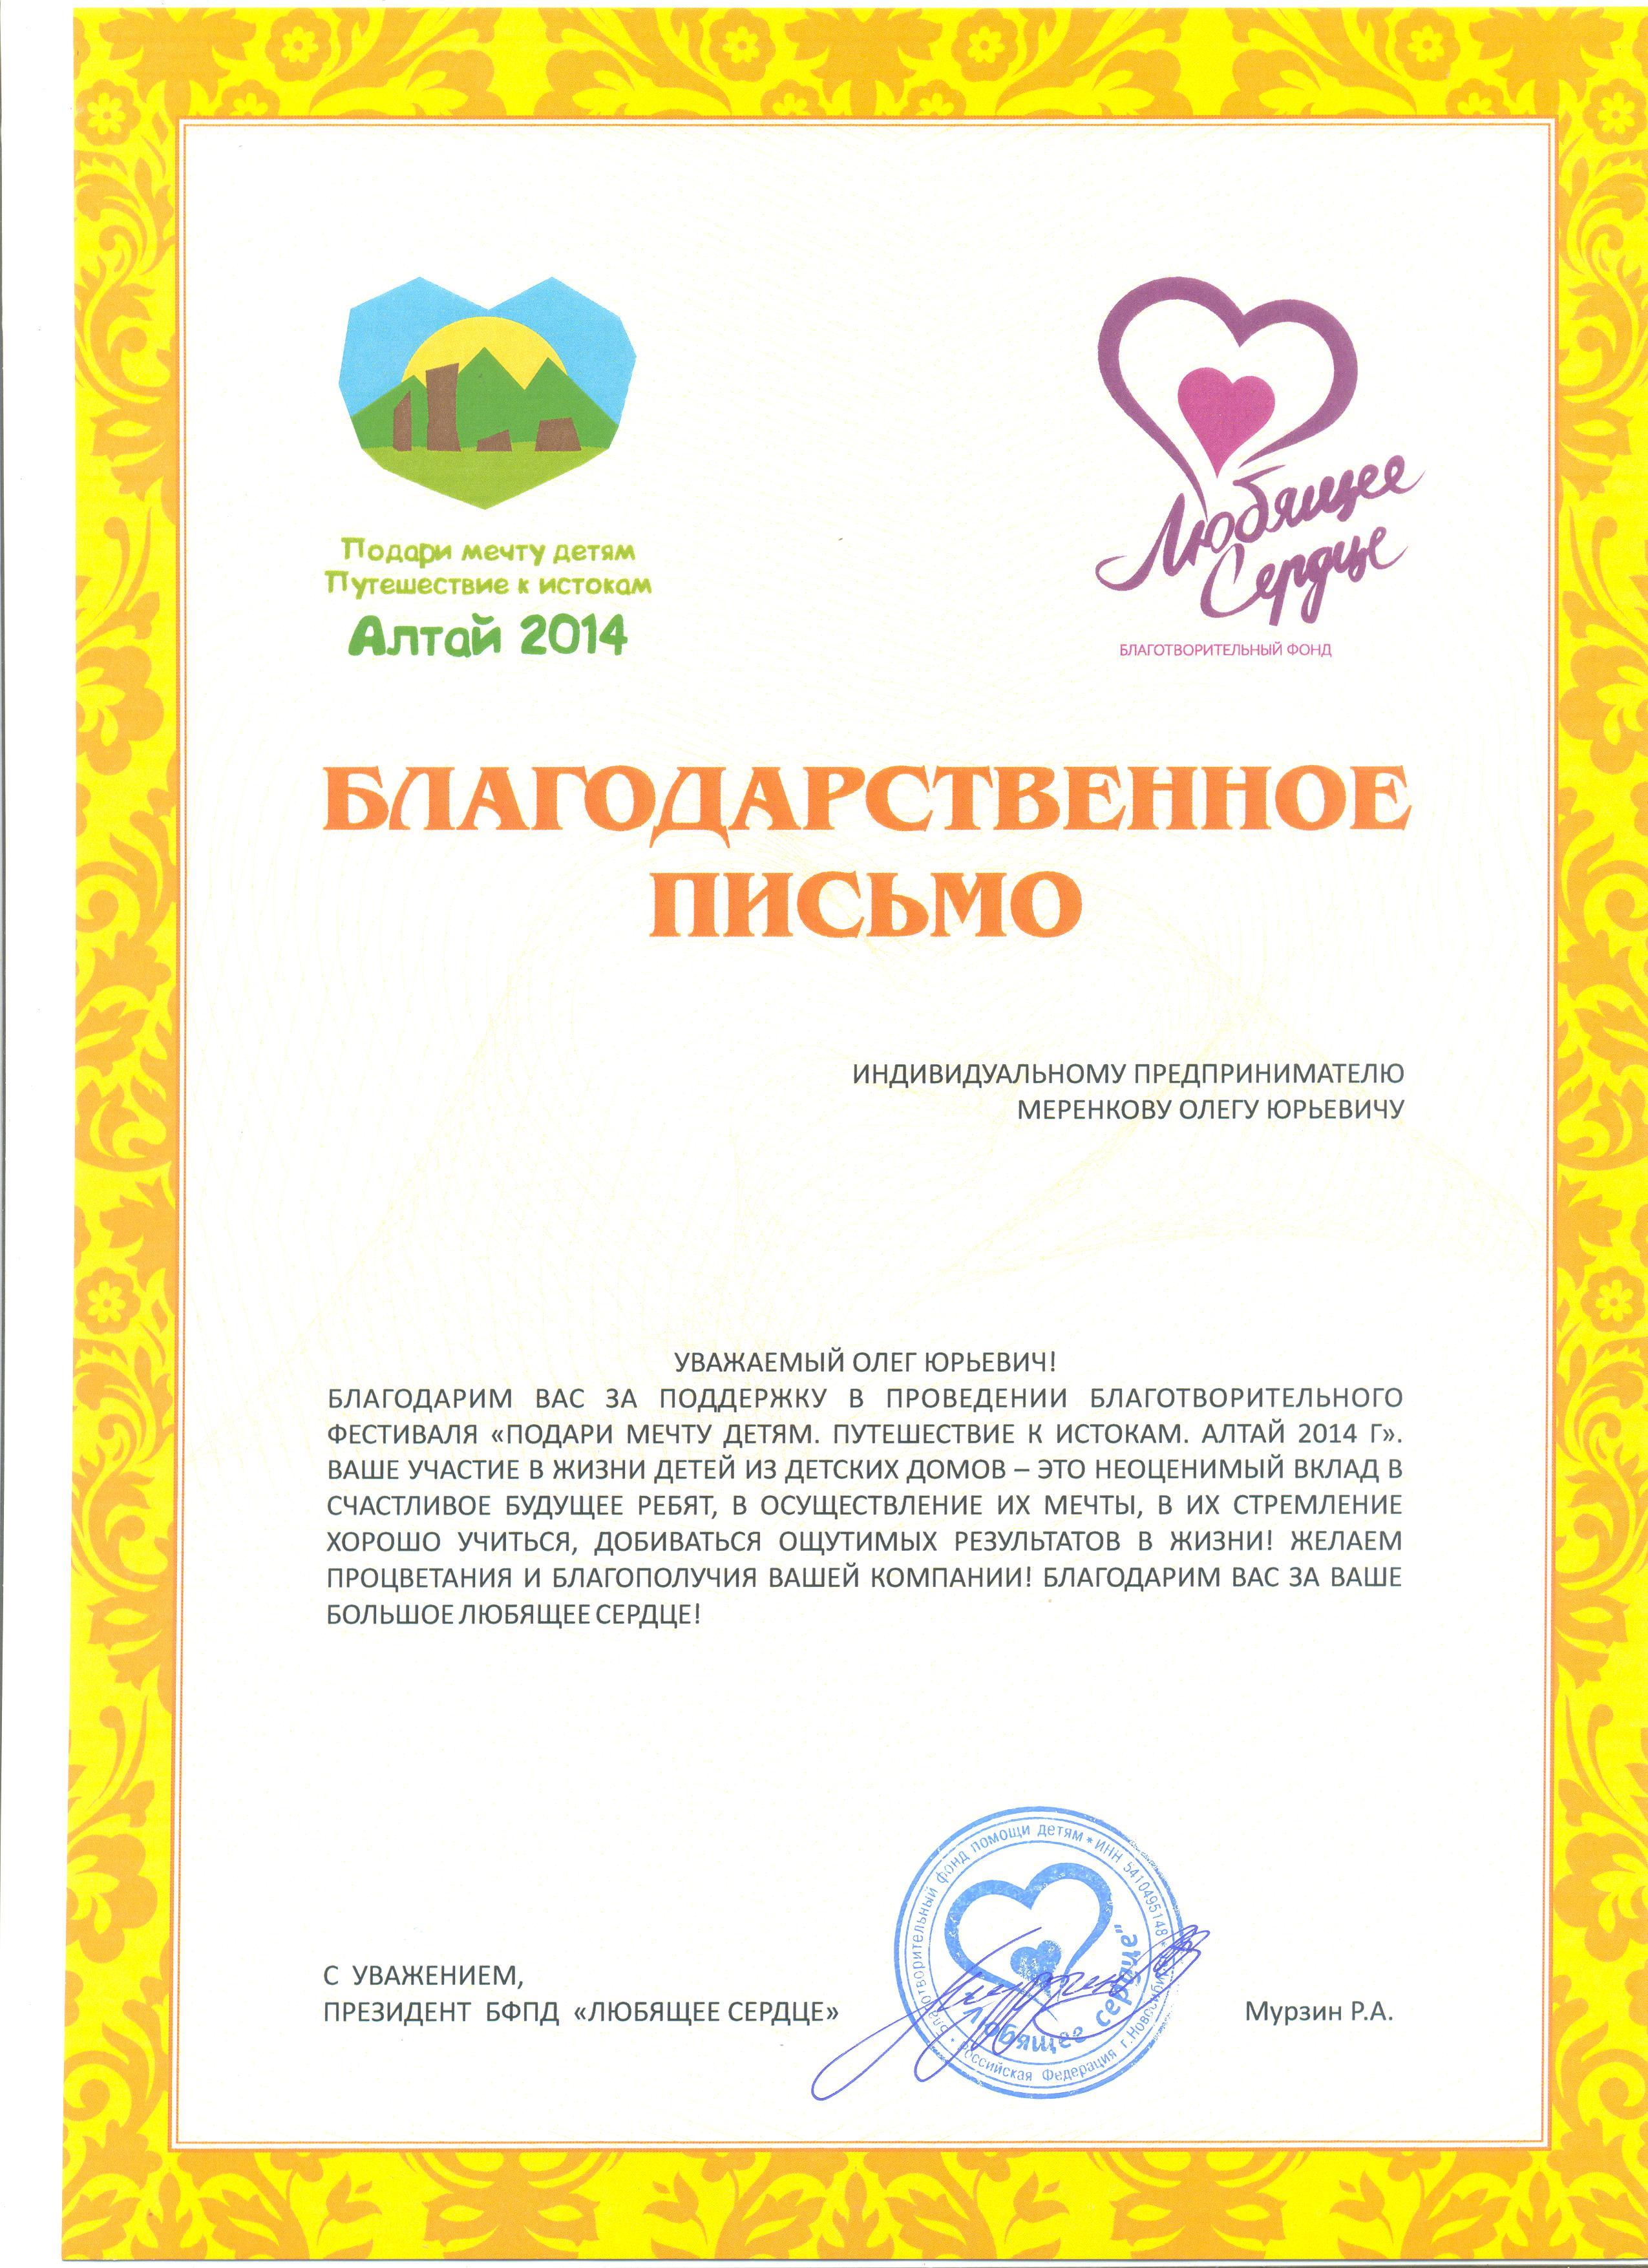 Благодарственное письмо от президента БФПД «Любящее сердце»